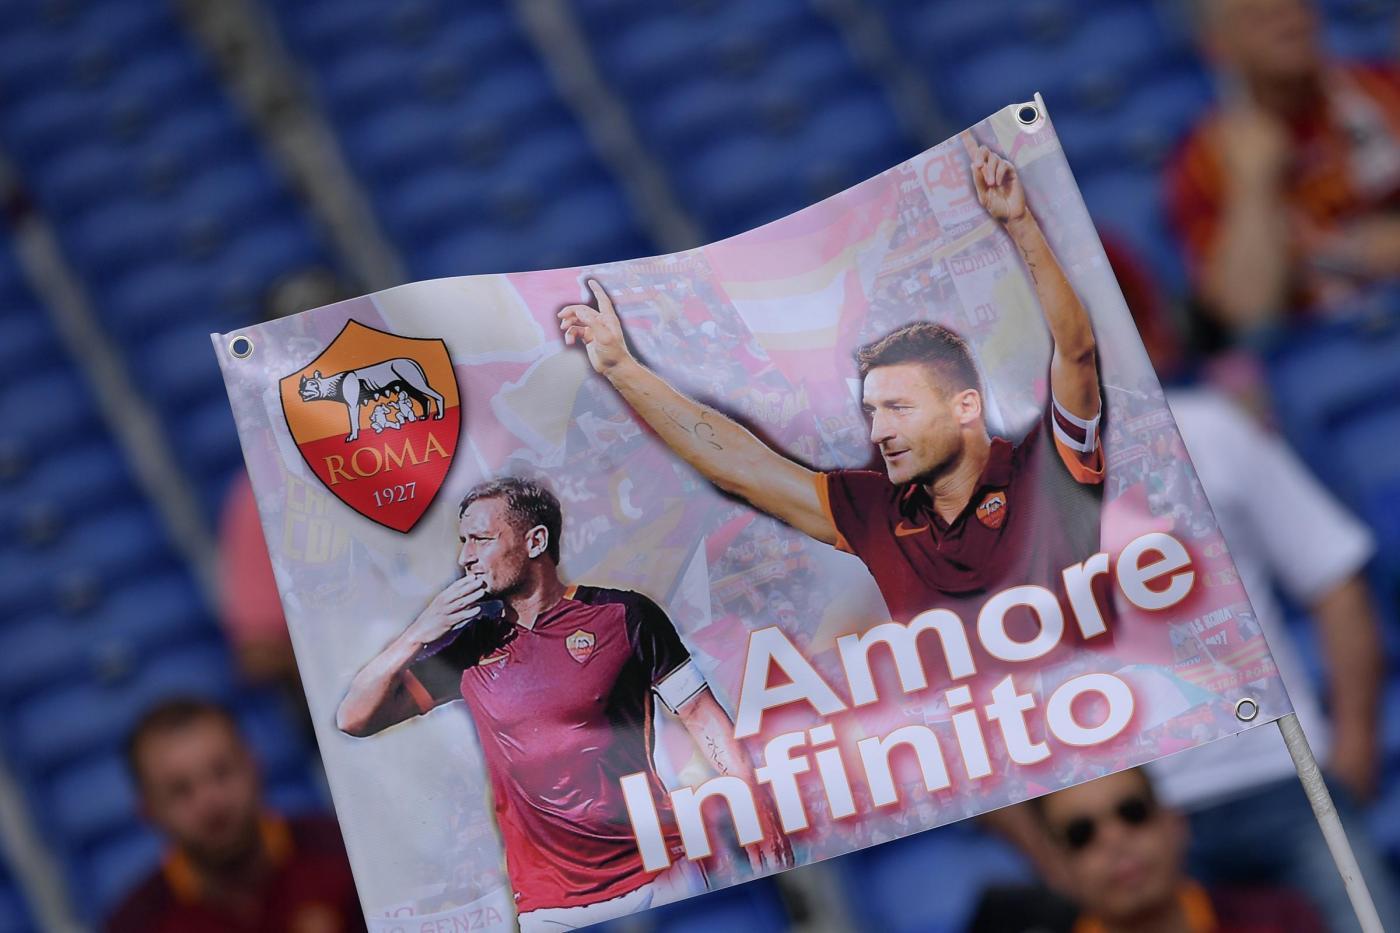 La Roma non sbaglia e scavalca momentaneamente il Napoli al secondo posto: 3-0 al Chievo Verona. All'Olimpico partita decisa nel primo tempo grazie ai gol di Nainggolan (18') e Rudiger (39'). Per i gialloblù Floro Flores impegna due volte Szczesny e M'Poku sbatte sul palo nella ripresa. Al 59' ingresso in campo di Totti, alla sua 600esima presenza, che ha fornito un assist stupendo per il gol del tris di Pjanic all'86'.